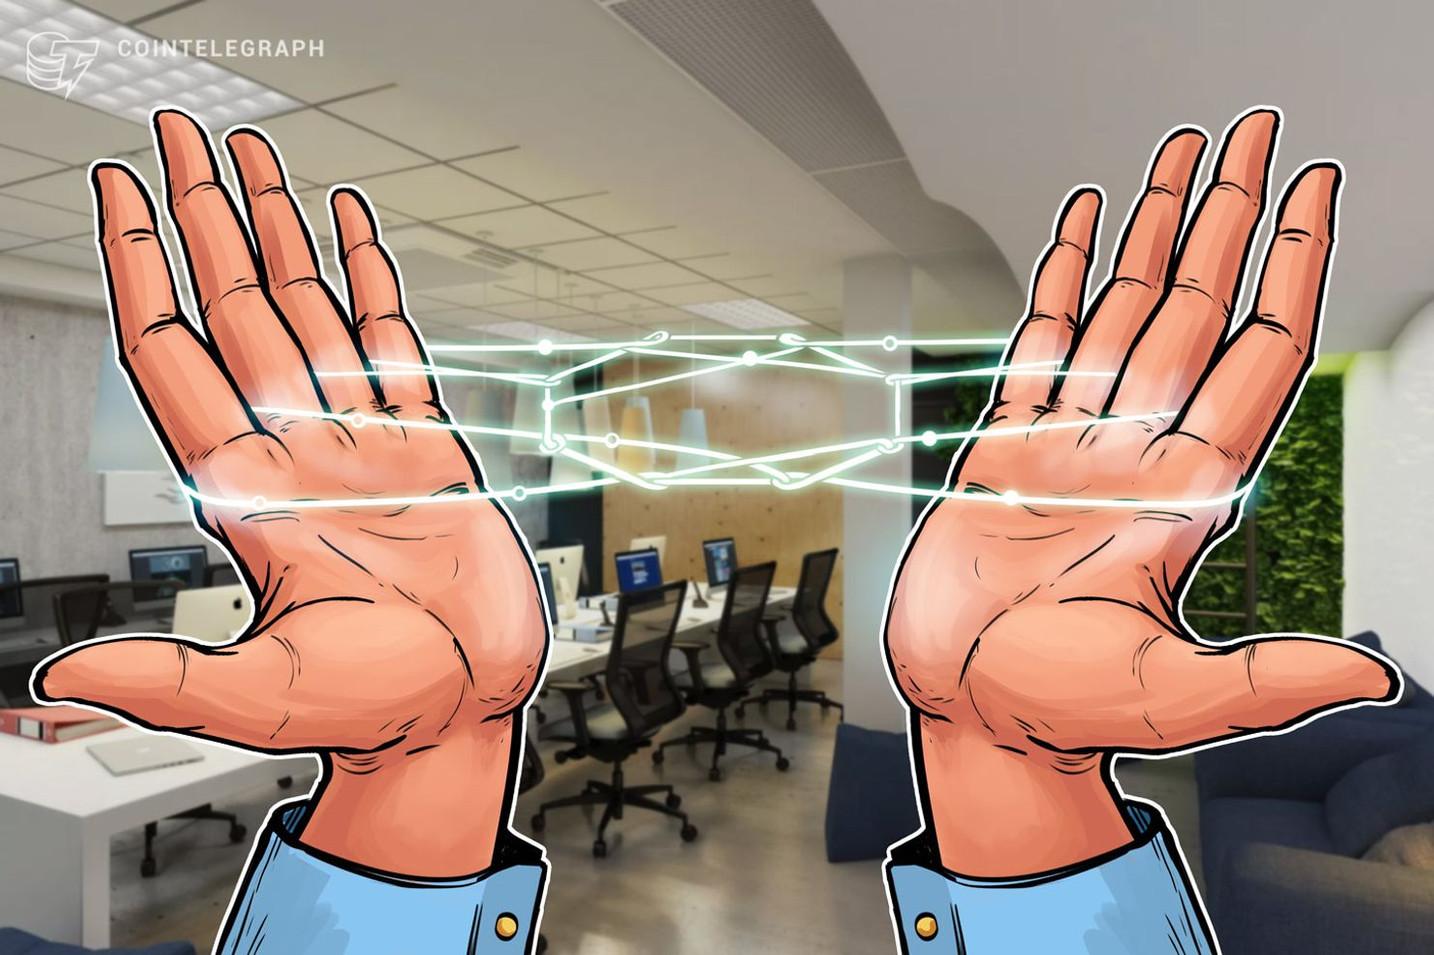 ビットコイン開発者のジミー・ソン氏、EOSを「詐欺」と痛烈批判